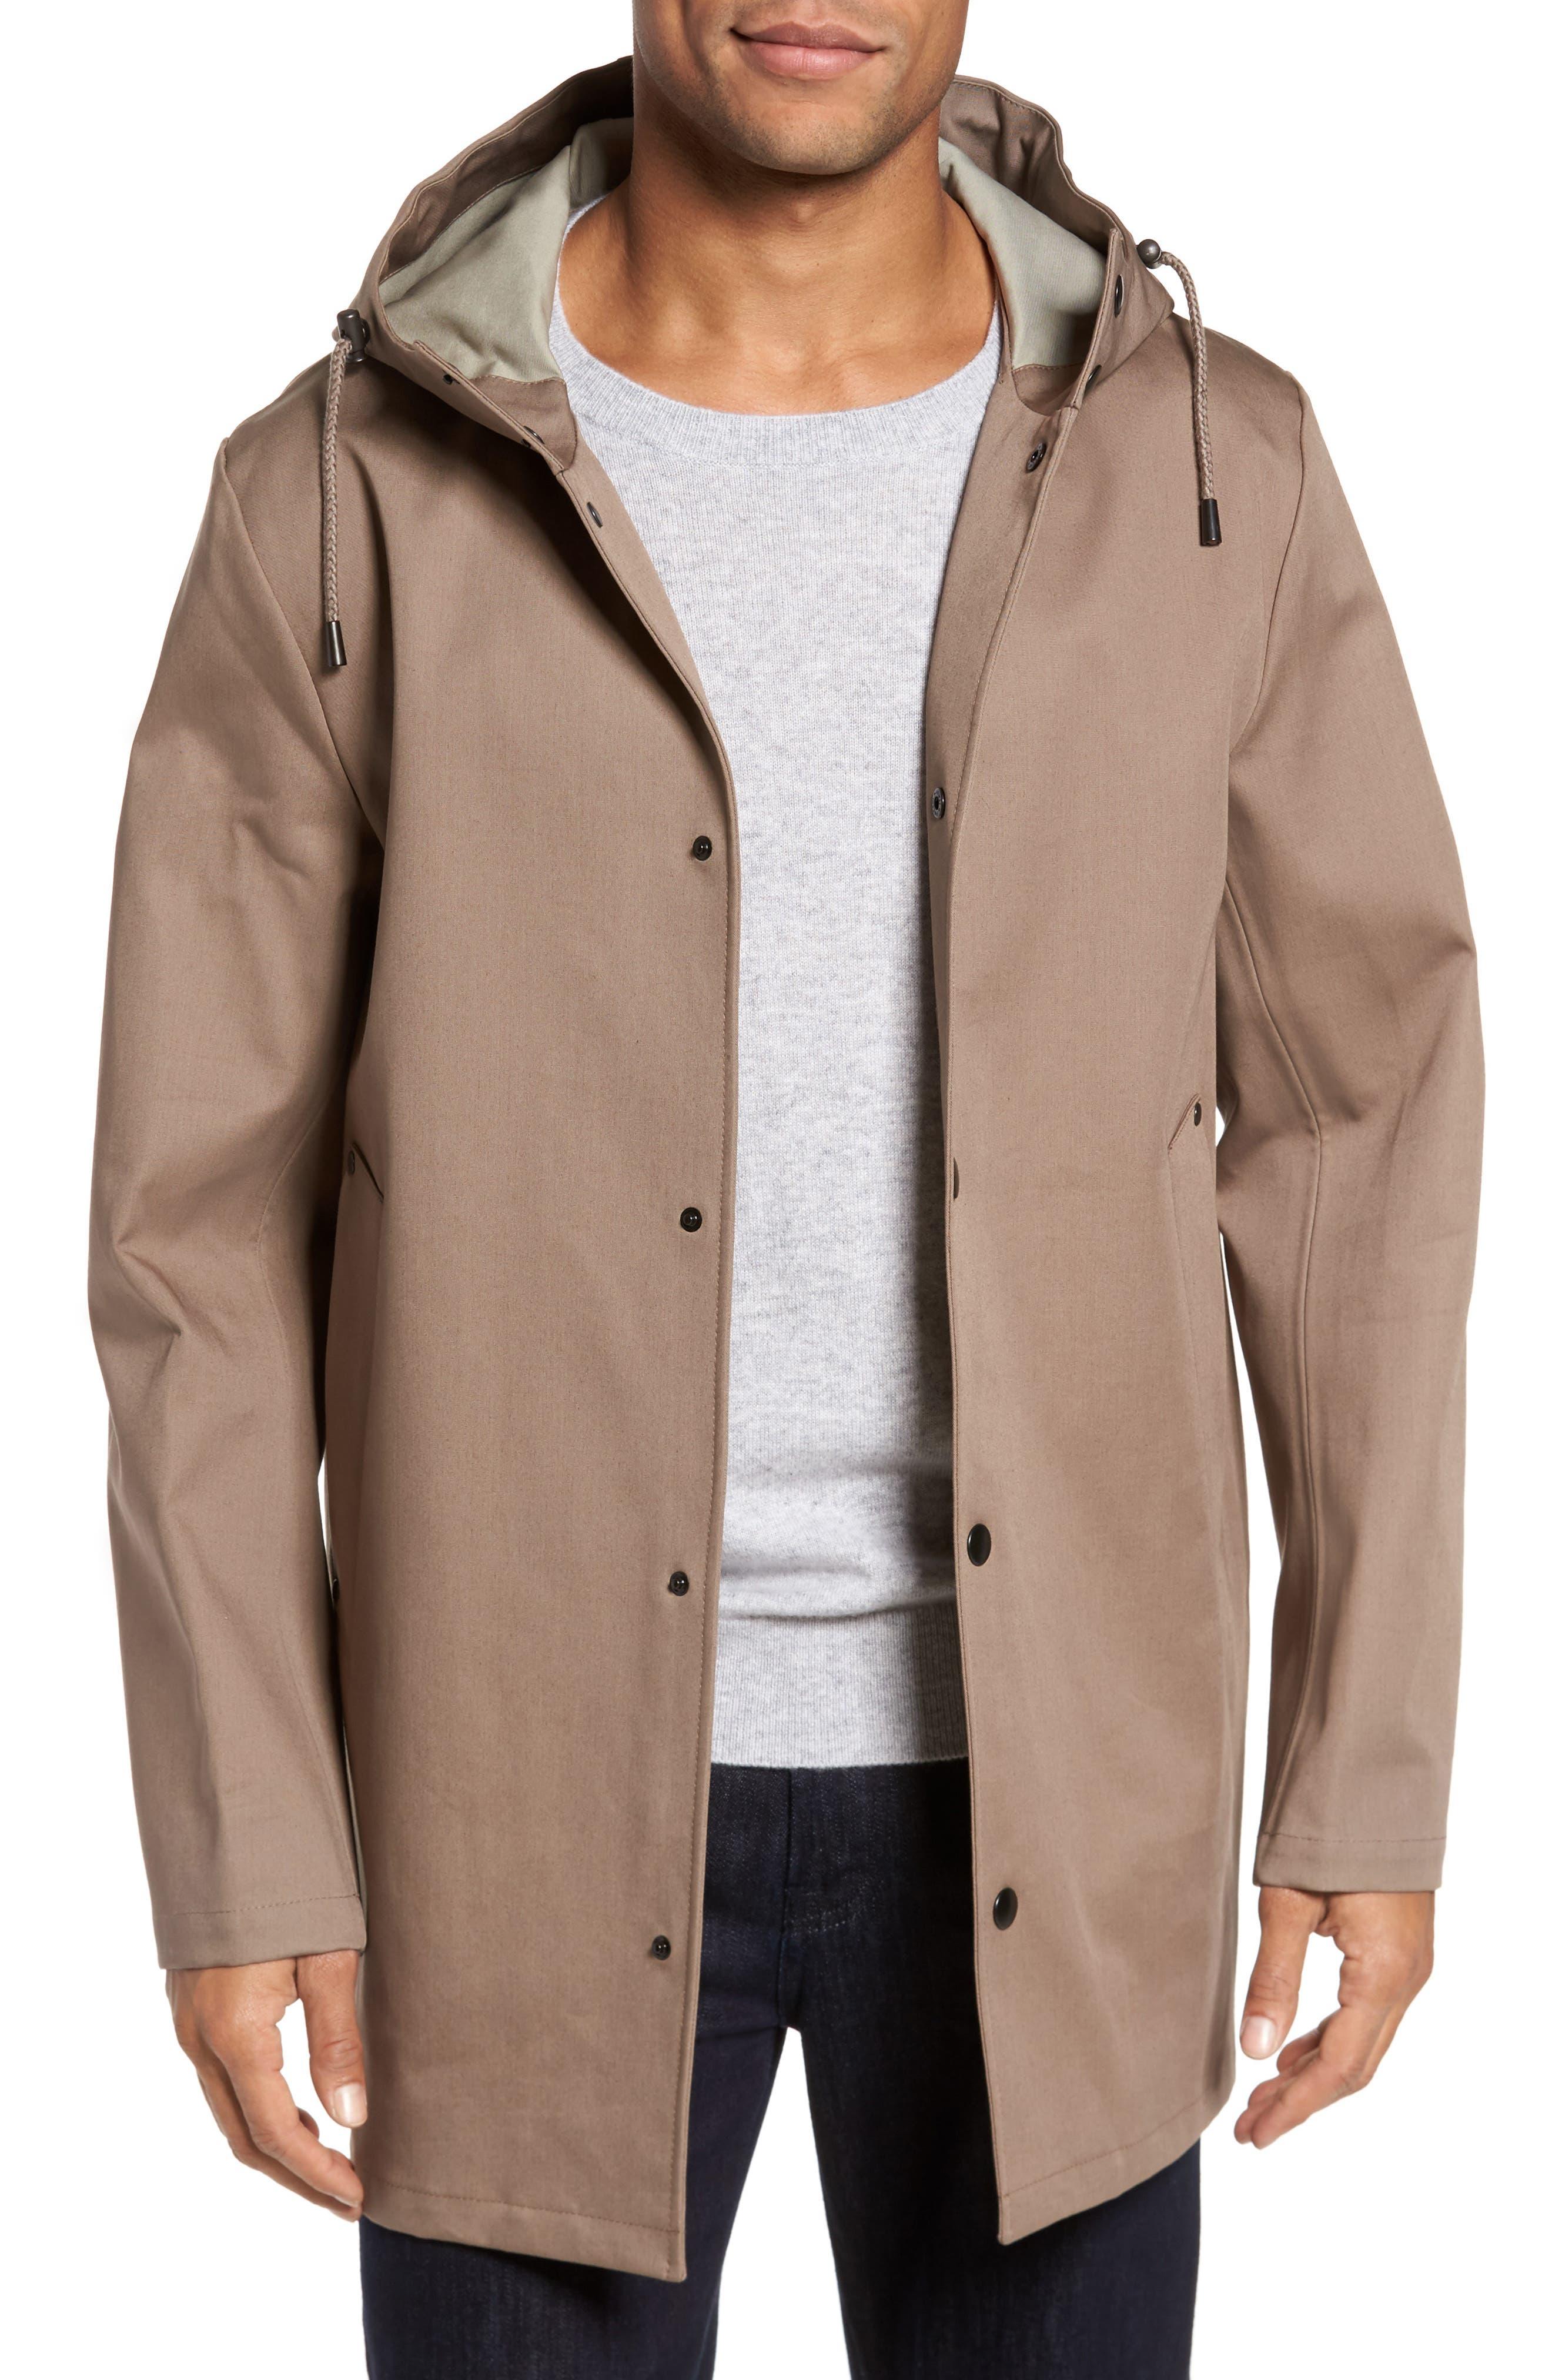 Stockholm Bonded Waterproof Hooded Raincoat,                             Main thumbnail 1, color,                             Mole